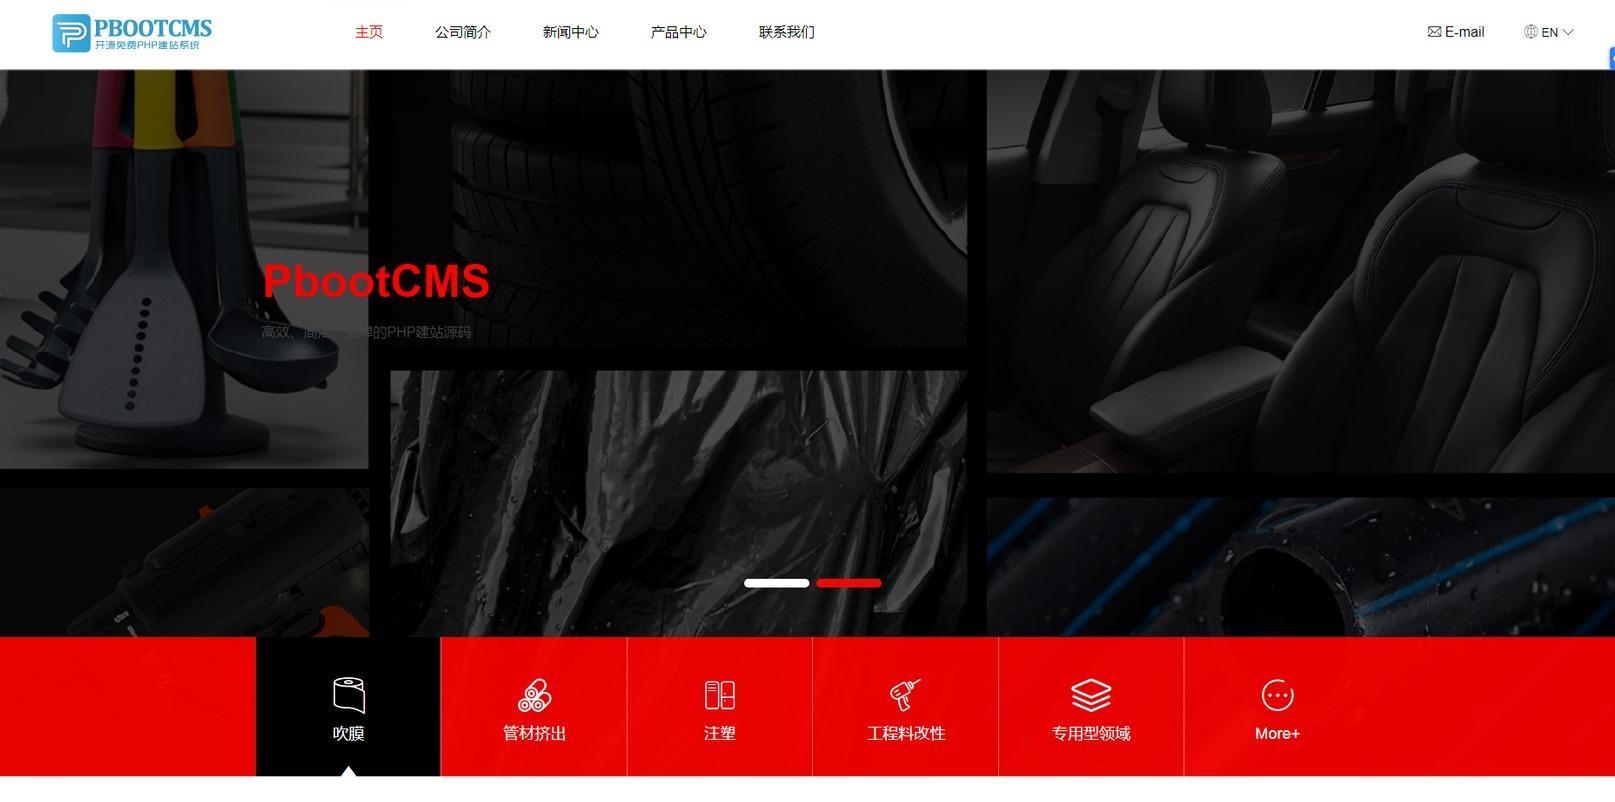 响应式吹膜设备PbootCMS网站模板